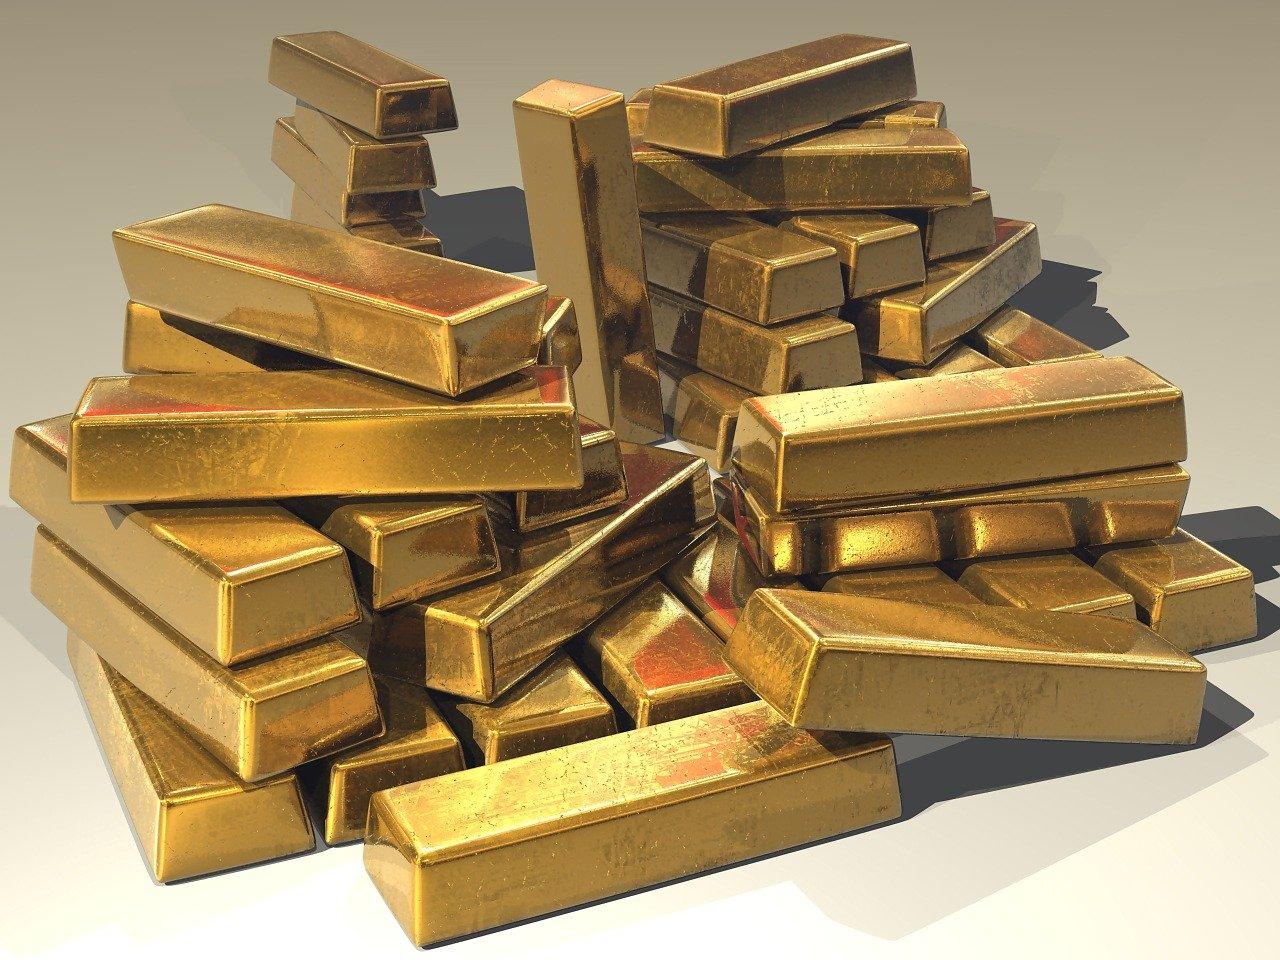 Beispielbild für einen Stapel Gold-Barren